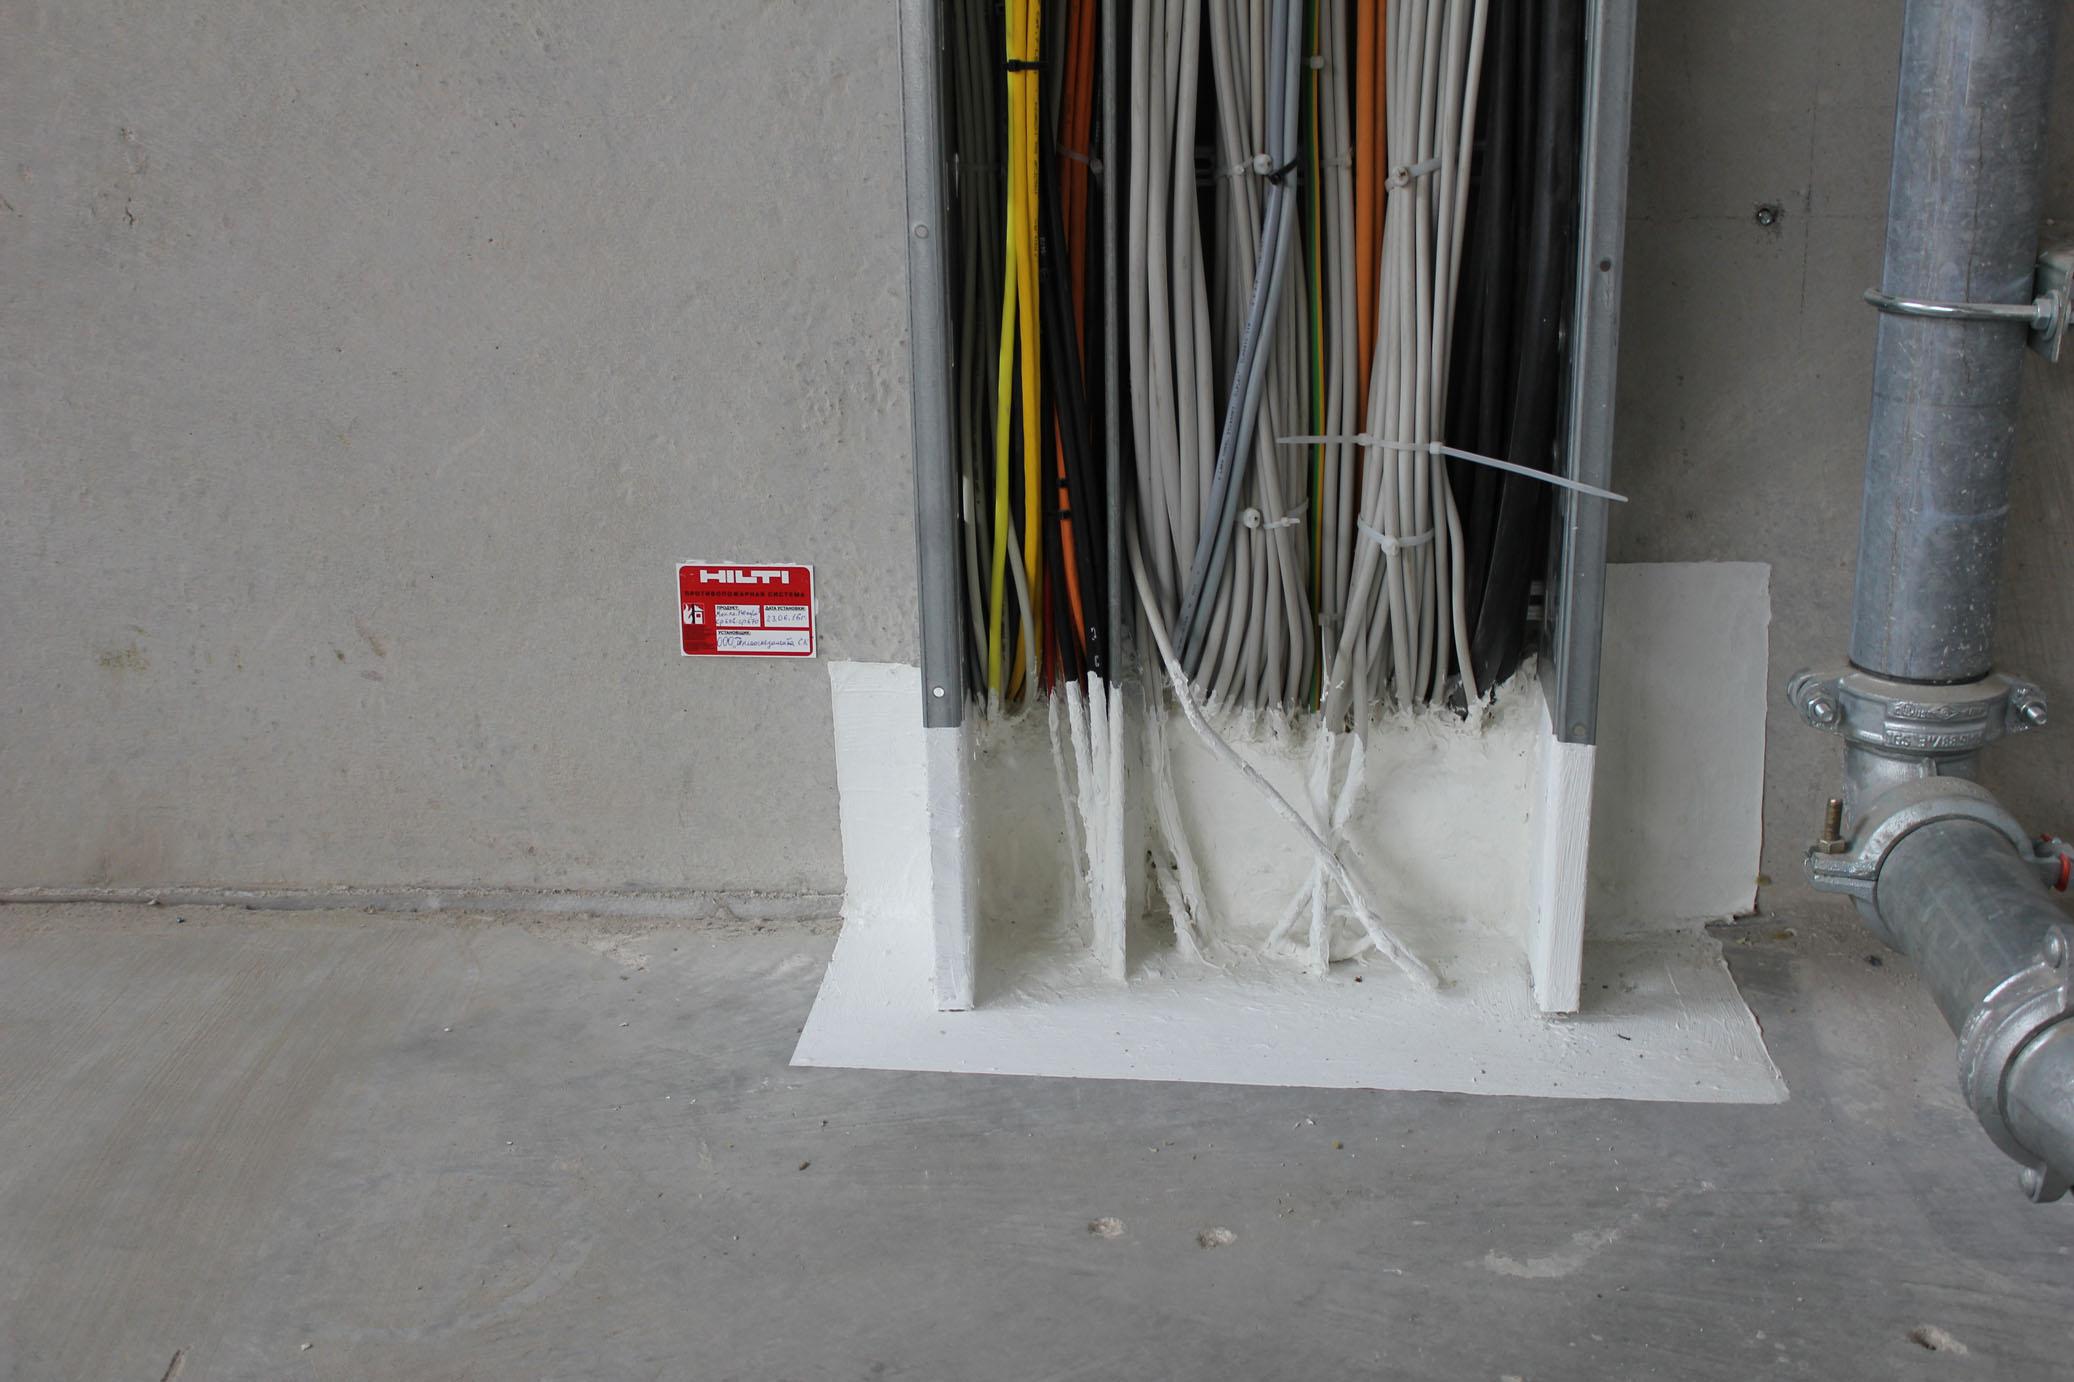 Устройство защиты от скачков напряжения